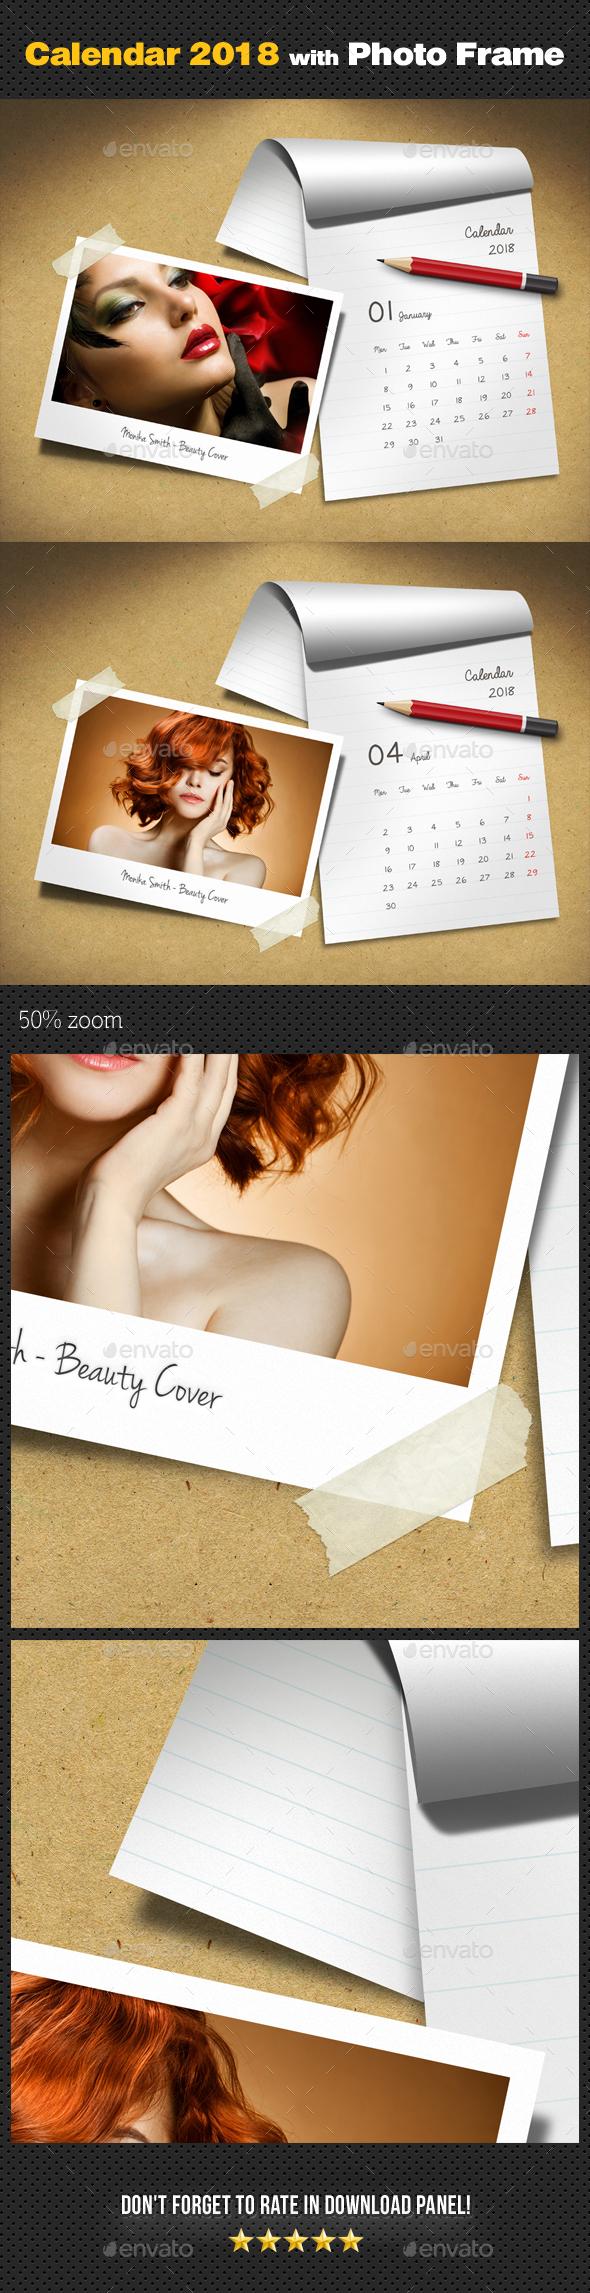 Customizable Calendar 2018 Photo Frame V06 - Miscellaneous Photo Templates